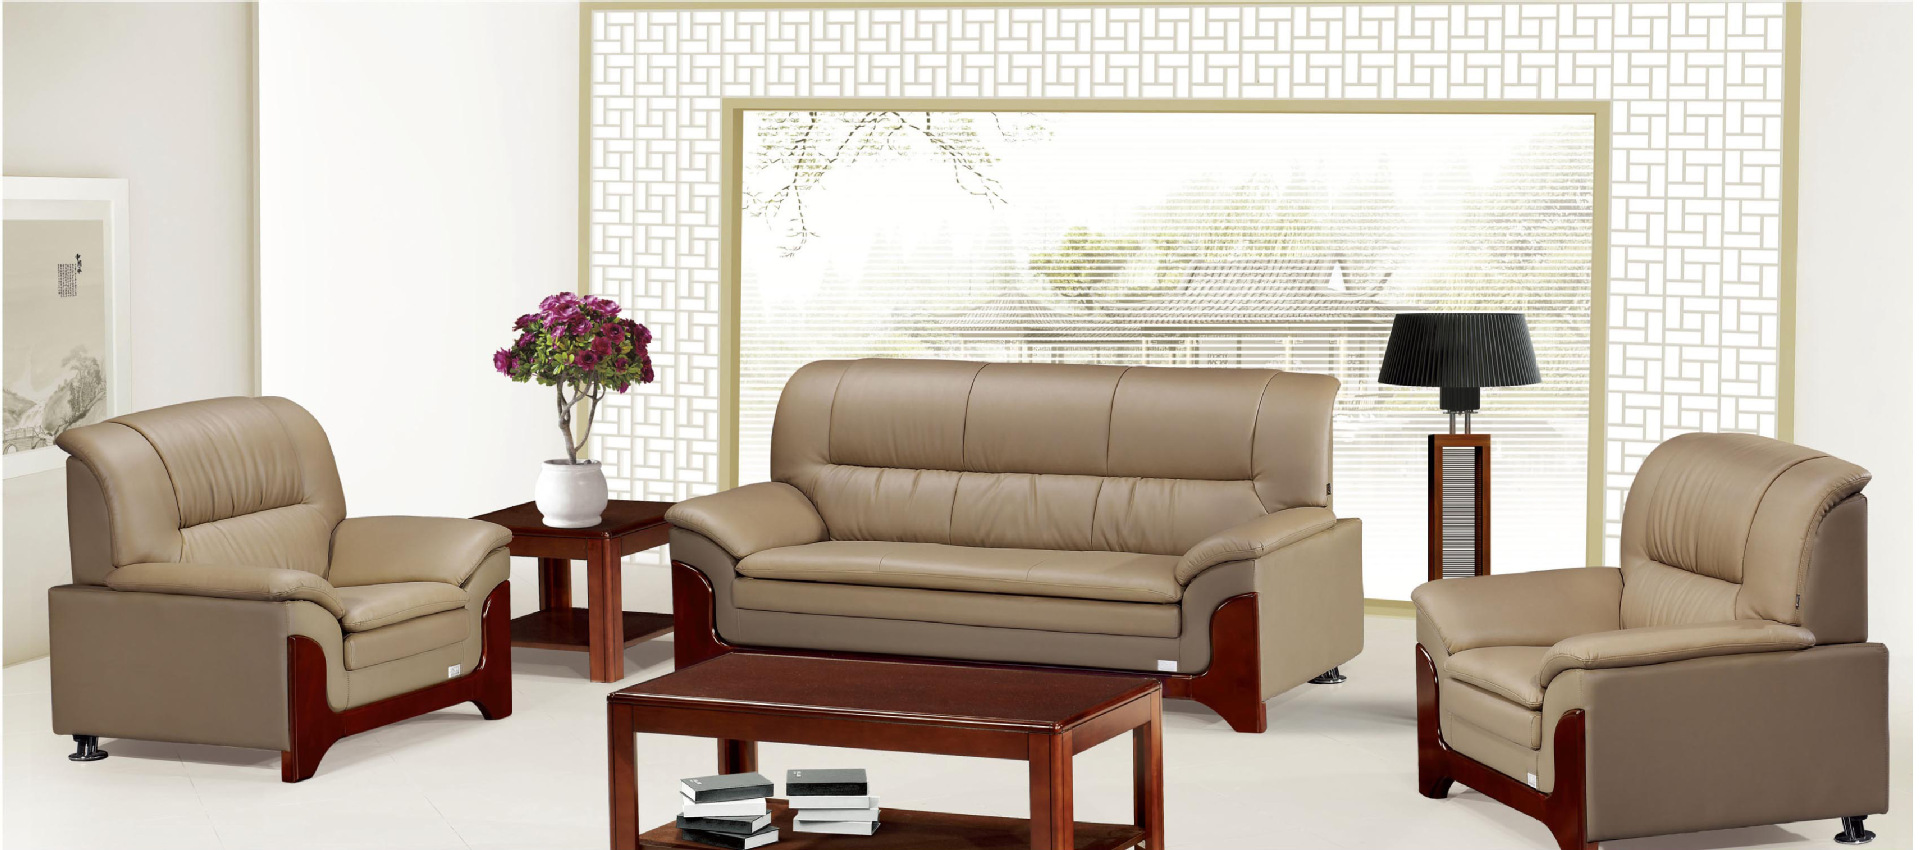 真皮办公沙发组合 商务会客办公沙发 高档会议办公沙发 生产定制